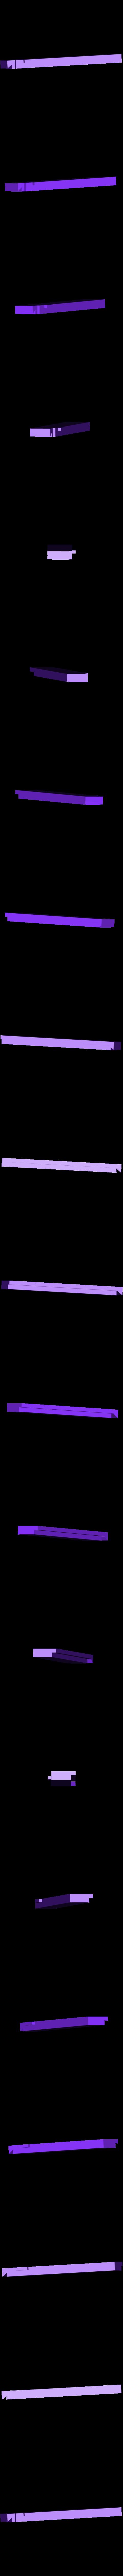 drawer slide left.stl Download free STL file Hogwarts School of Witchcraft • 3D printer template, Valient